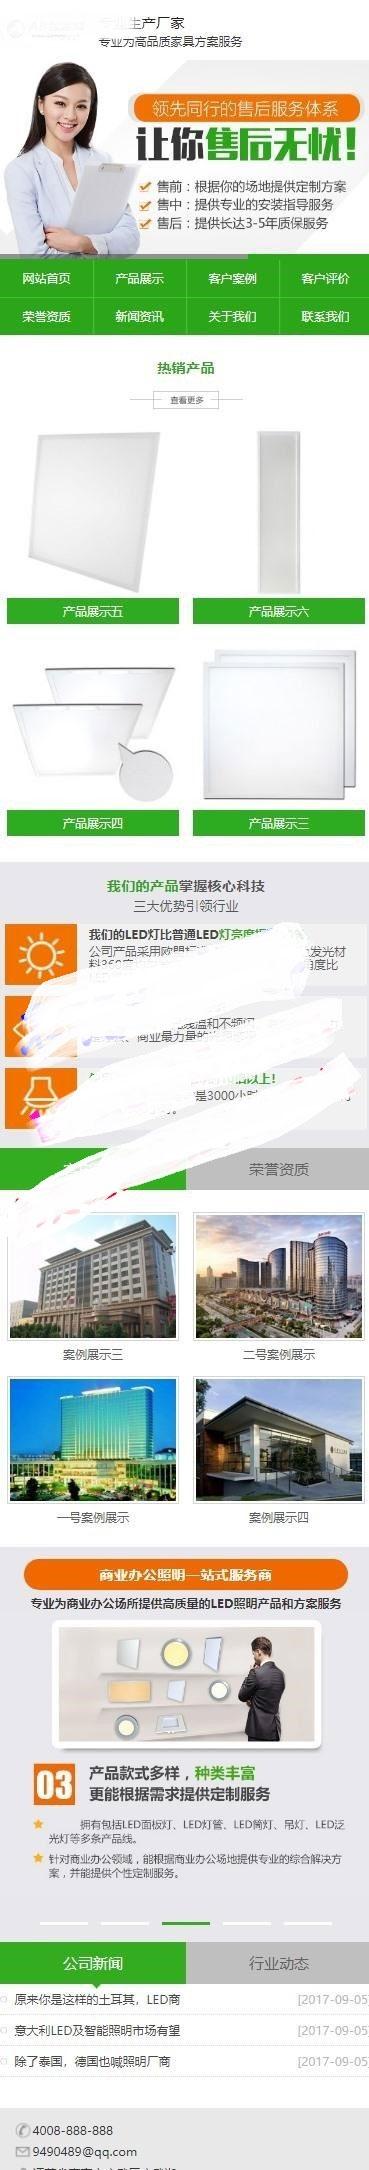 织梦dedecms绿色营销型办公照明LED面板平板灯具网站模板(带手机移动端)